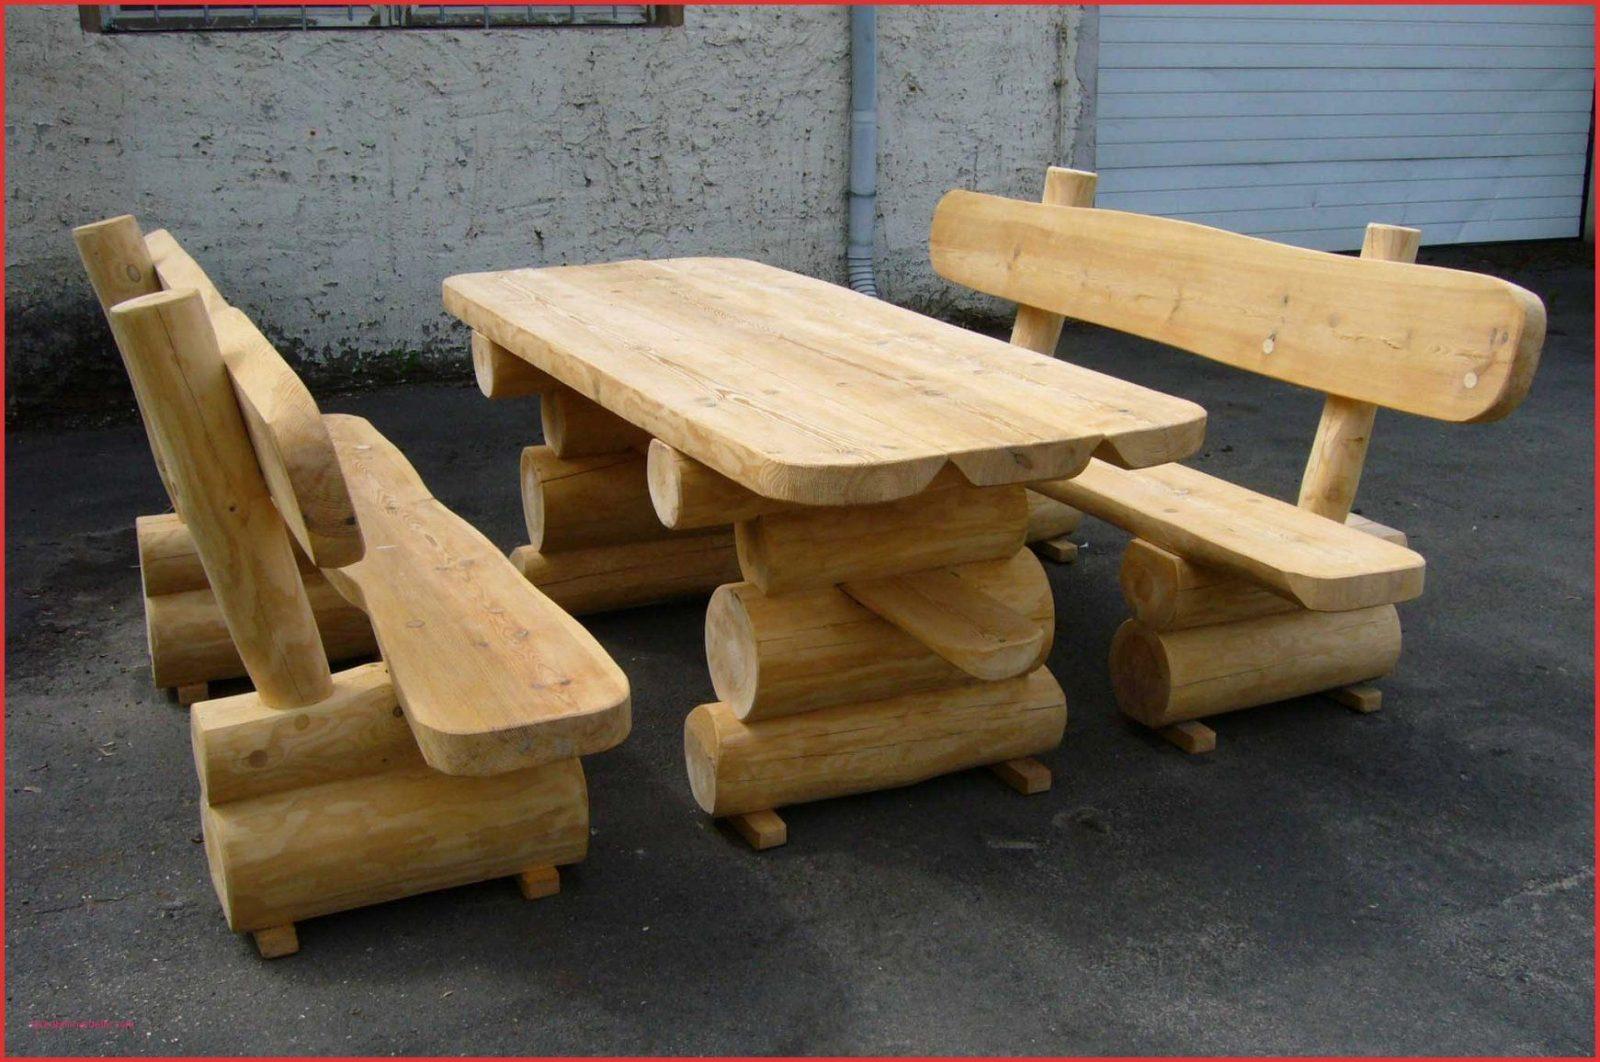 Rustikale Gartenmöbel Aus Polen Das Beste Von Gartenmobel Holz von Gartenmöbel Holz Massiv Polen Bild